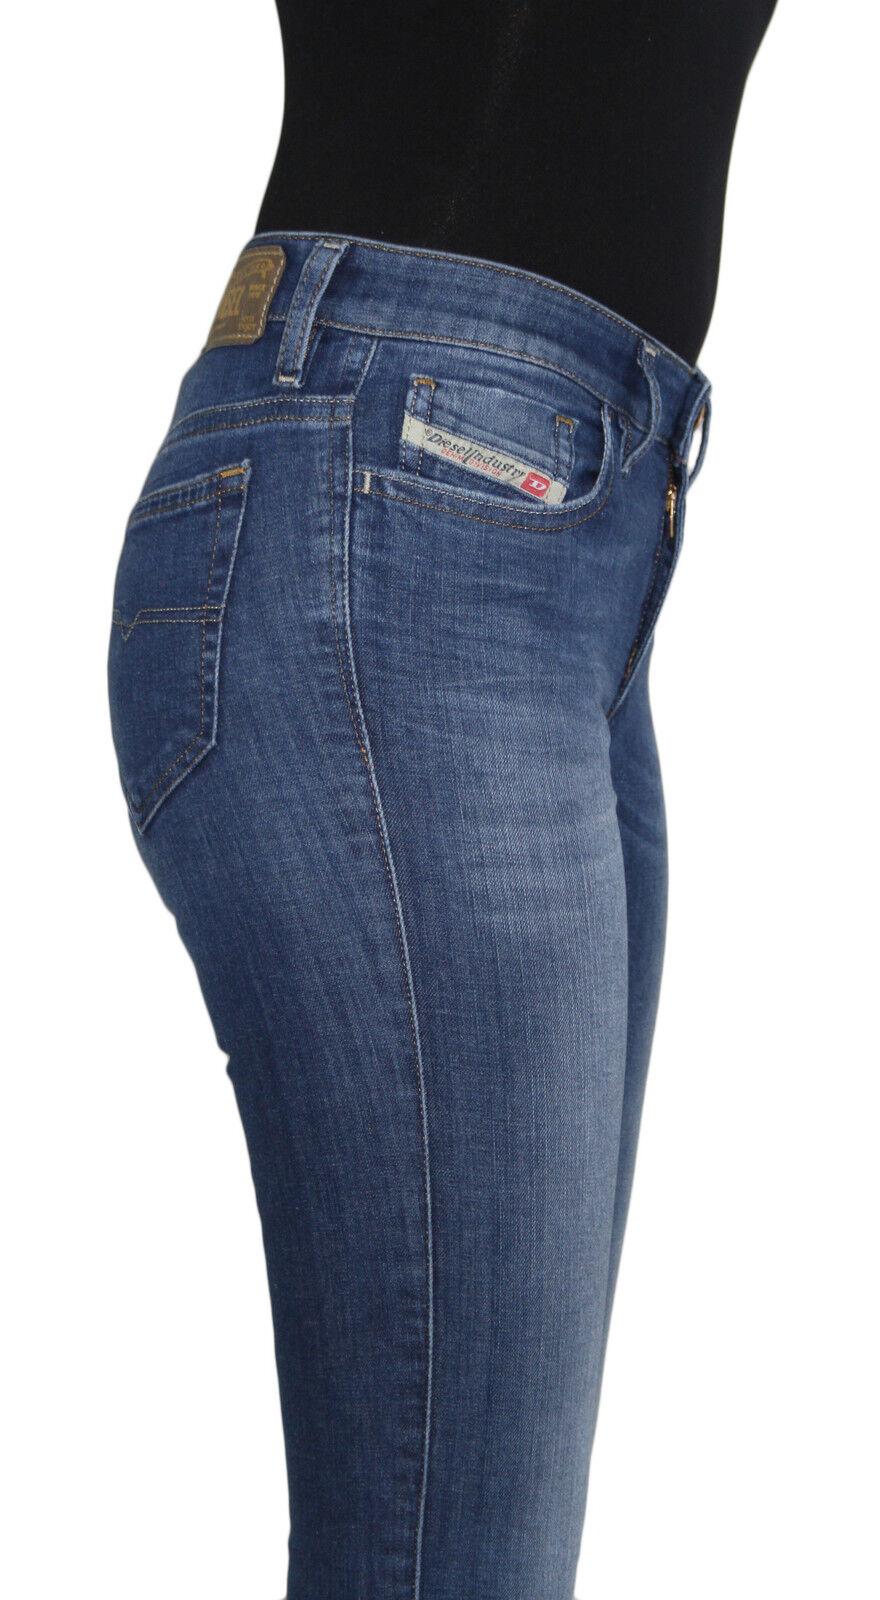 Nuevo con etiquetas Diesel Marca Para Mujer Skinzee súper Slim  Skinny Jeans Elástico Legging 826F  lo último